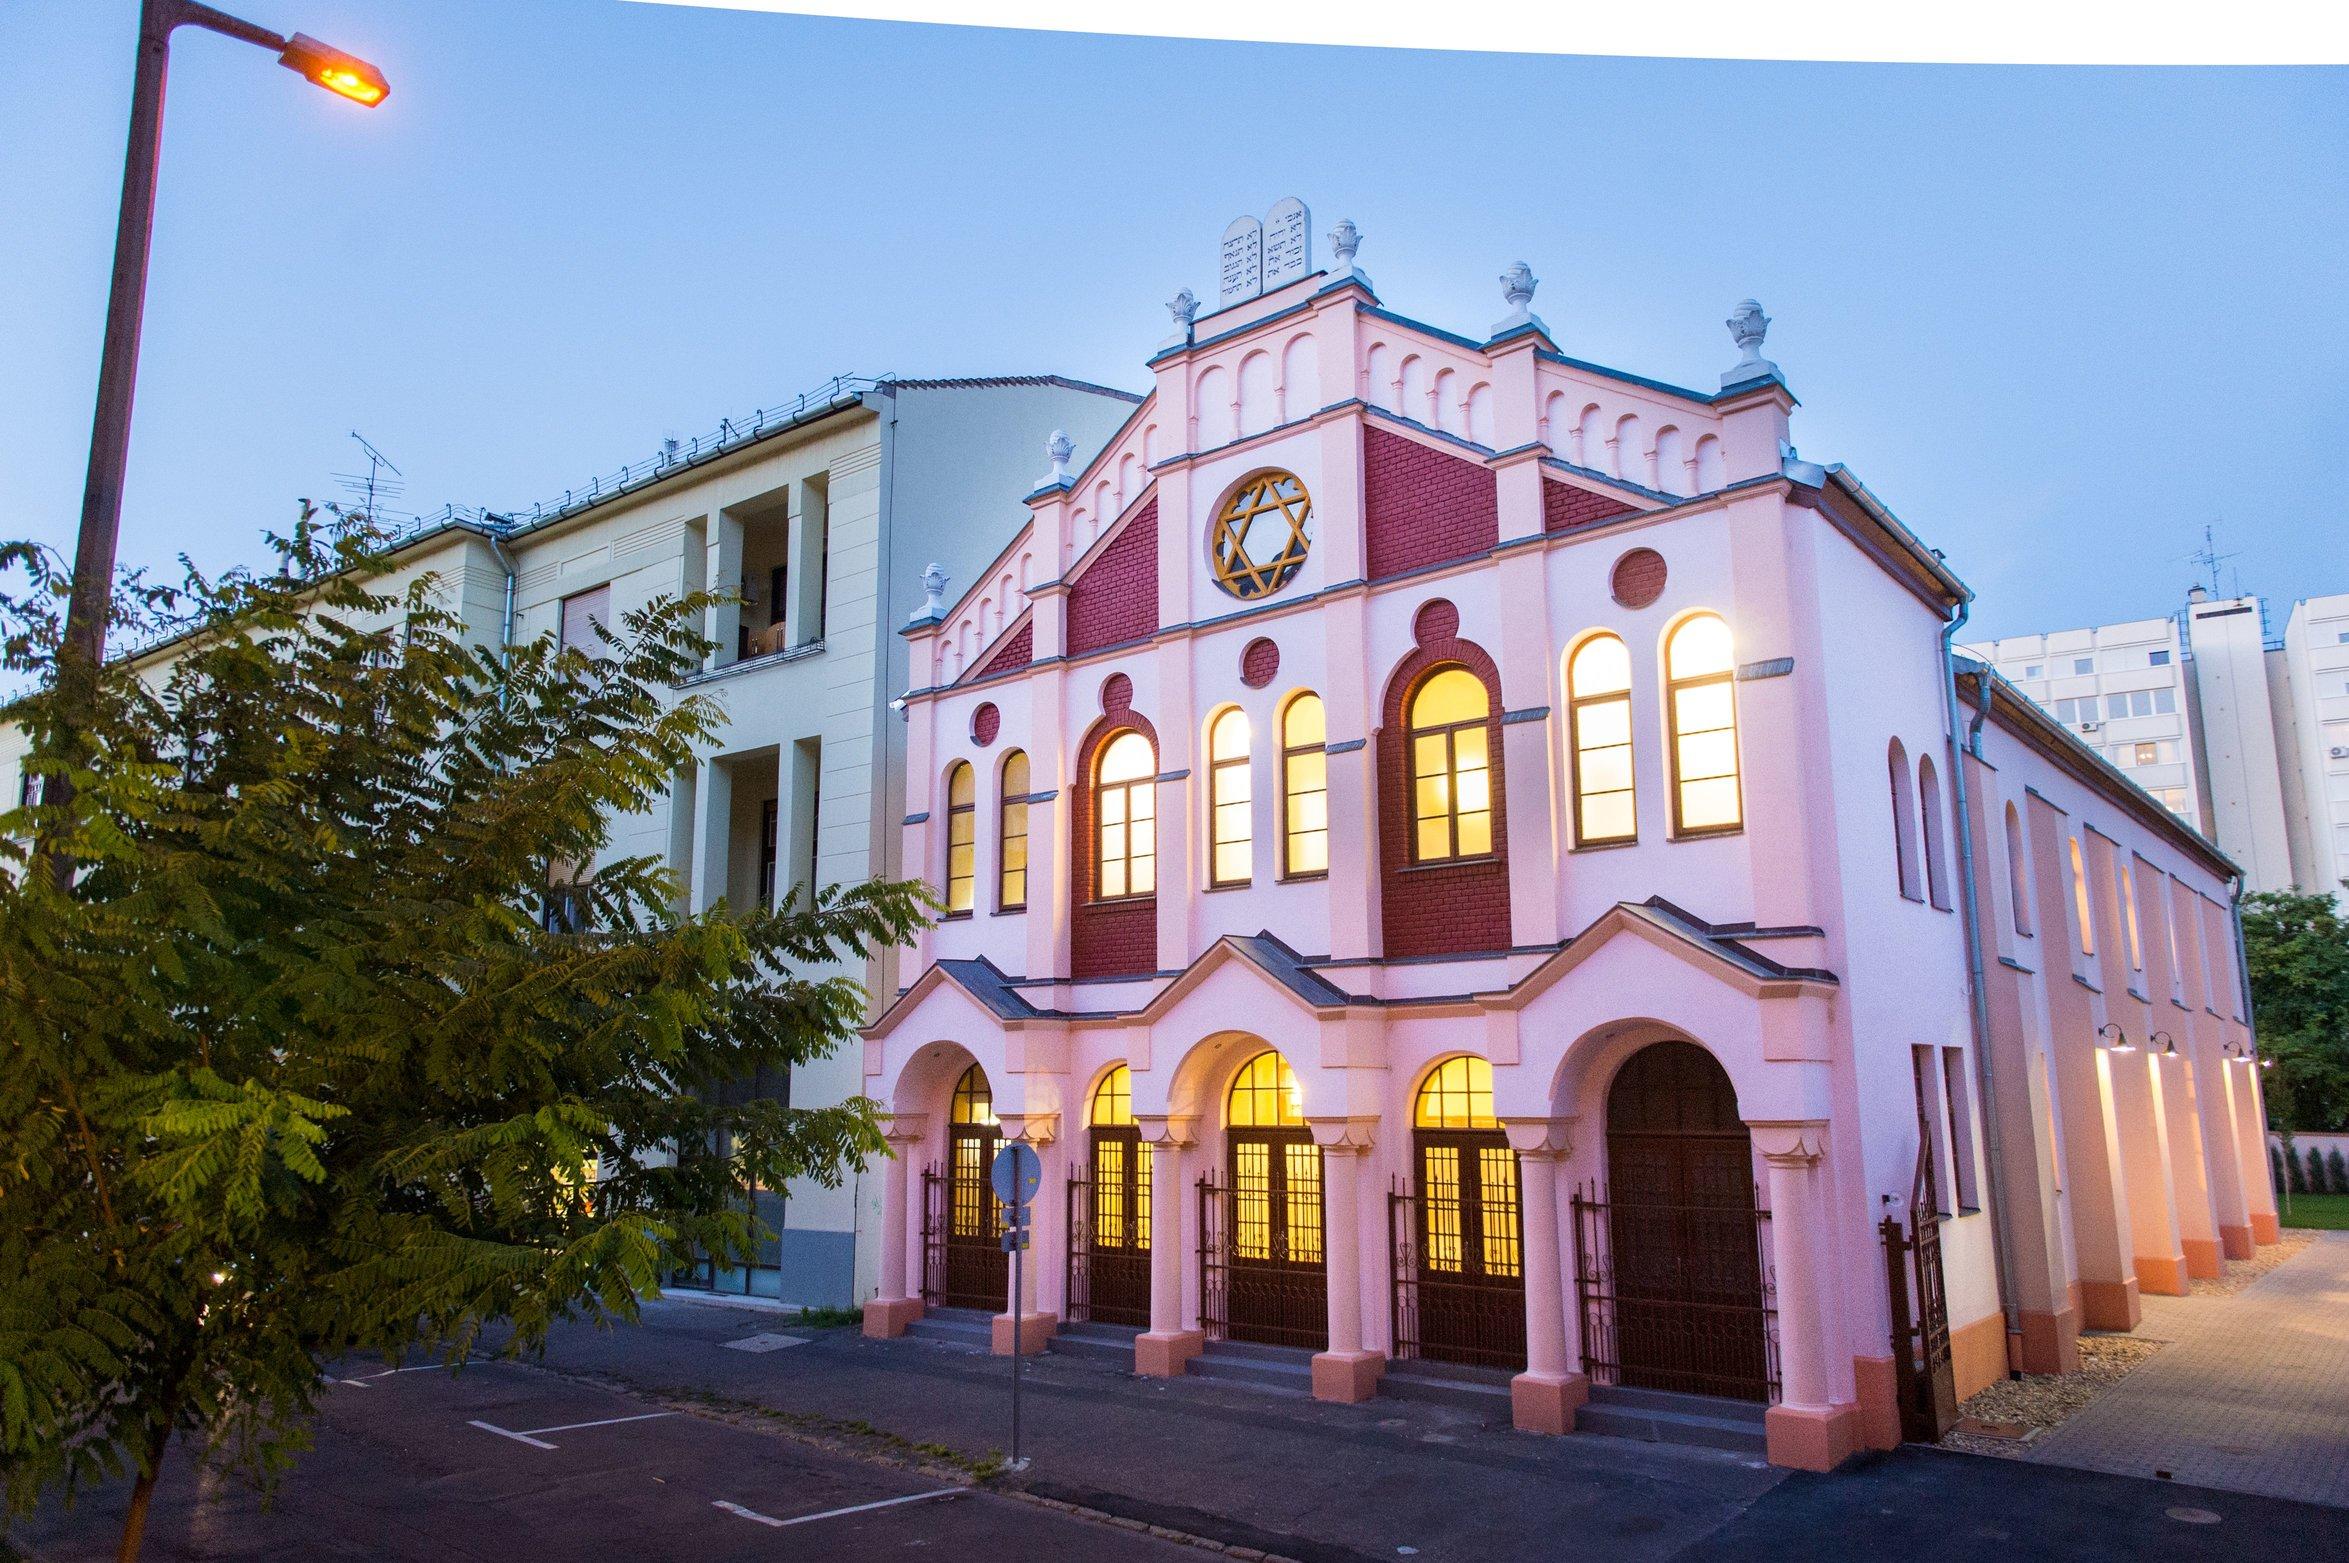 The-Rebe's-in Debrecen